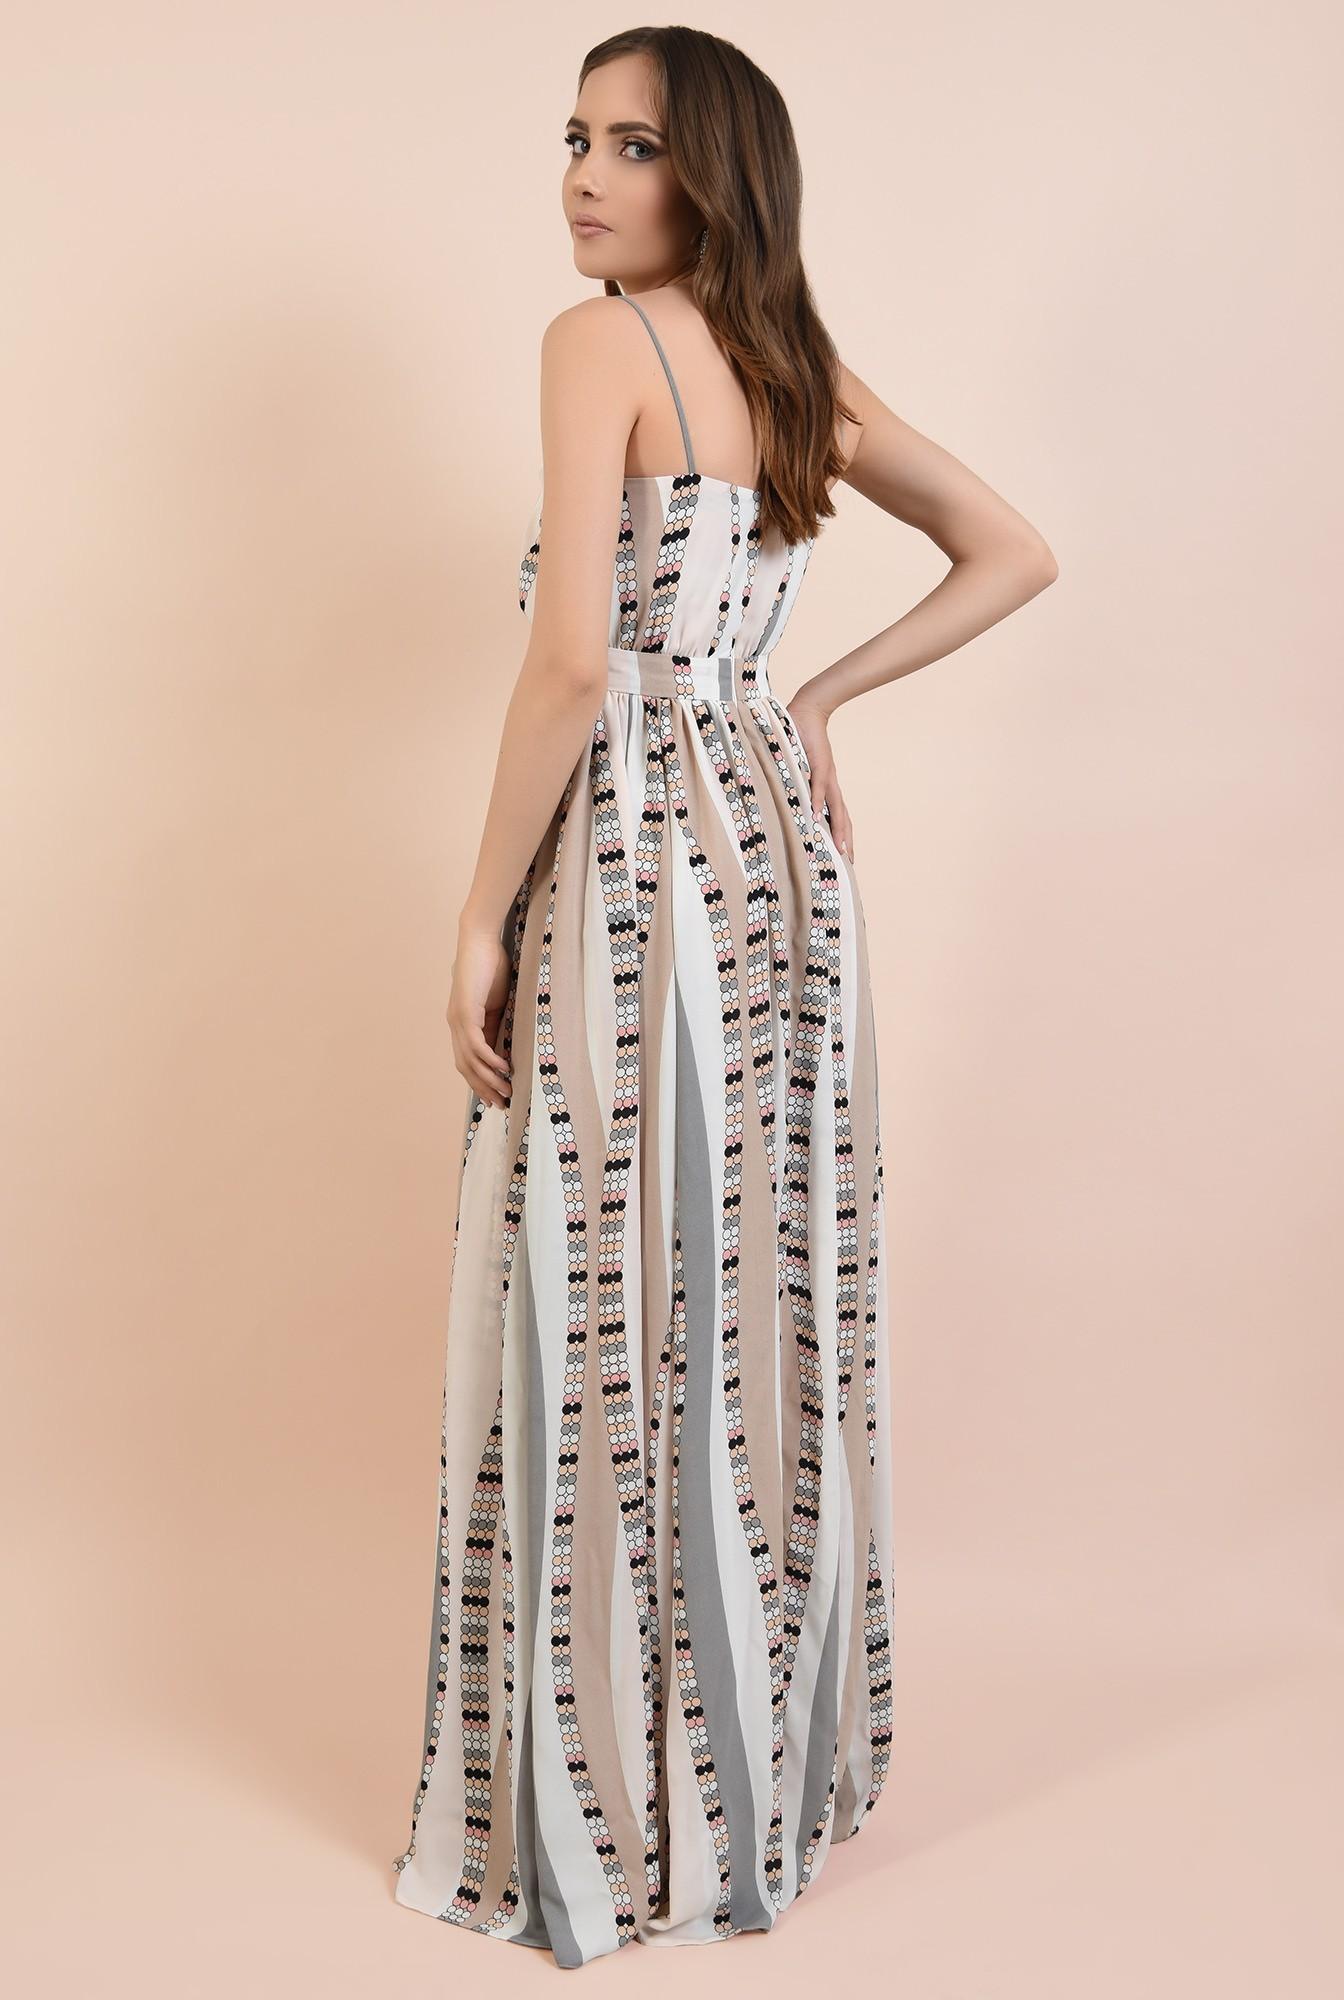 1 - 360 - rochie de ocazie, lunga, cu bretele, croi evazat, talie cu betelie, Poema